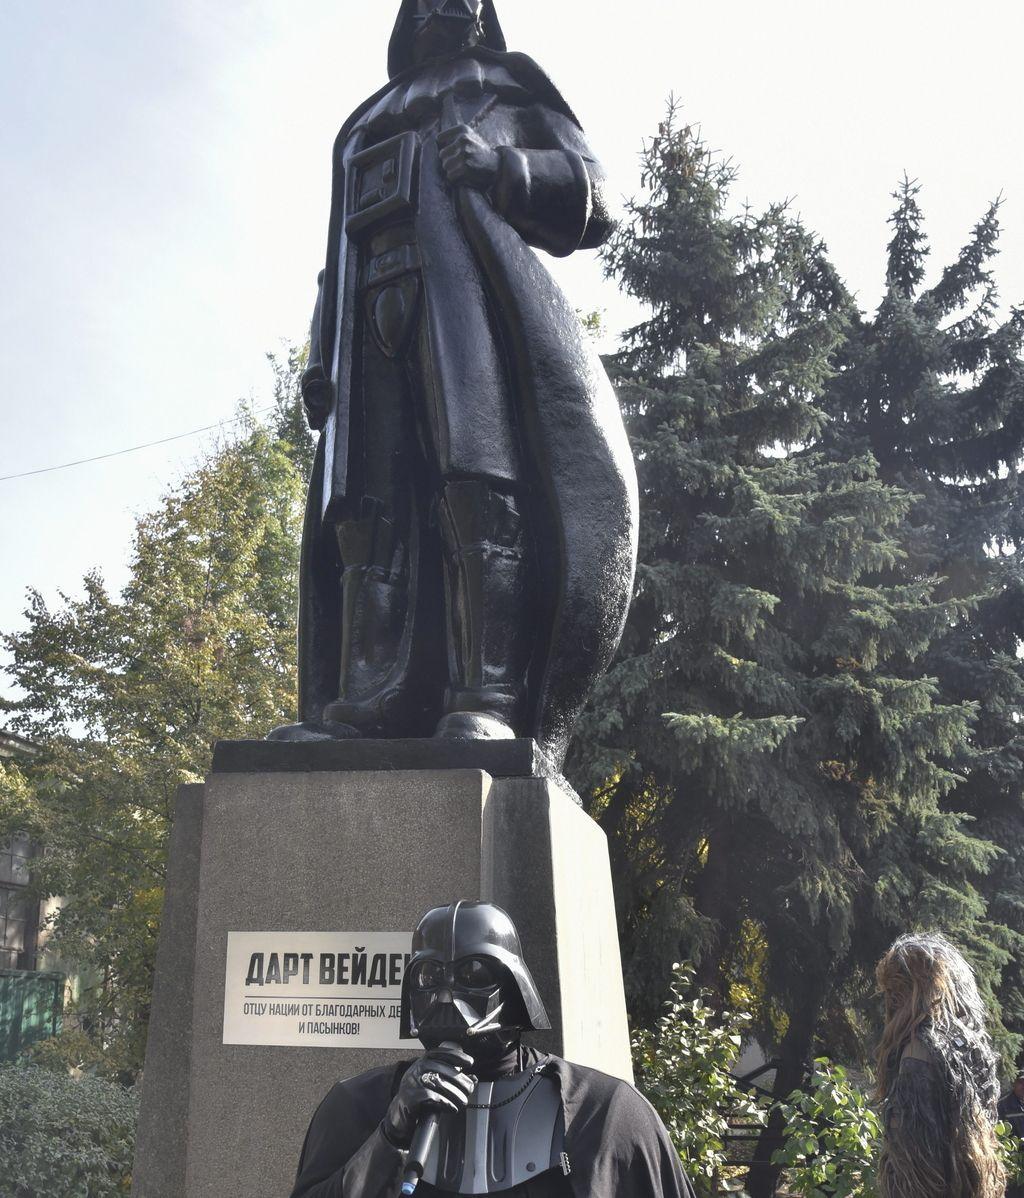 Darth Vader destrona a Lenin